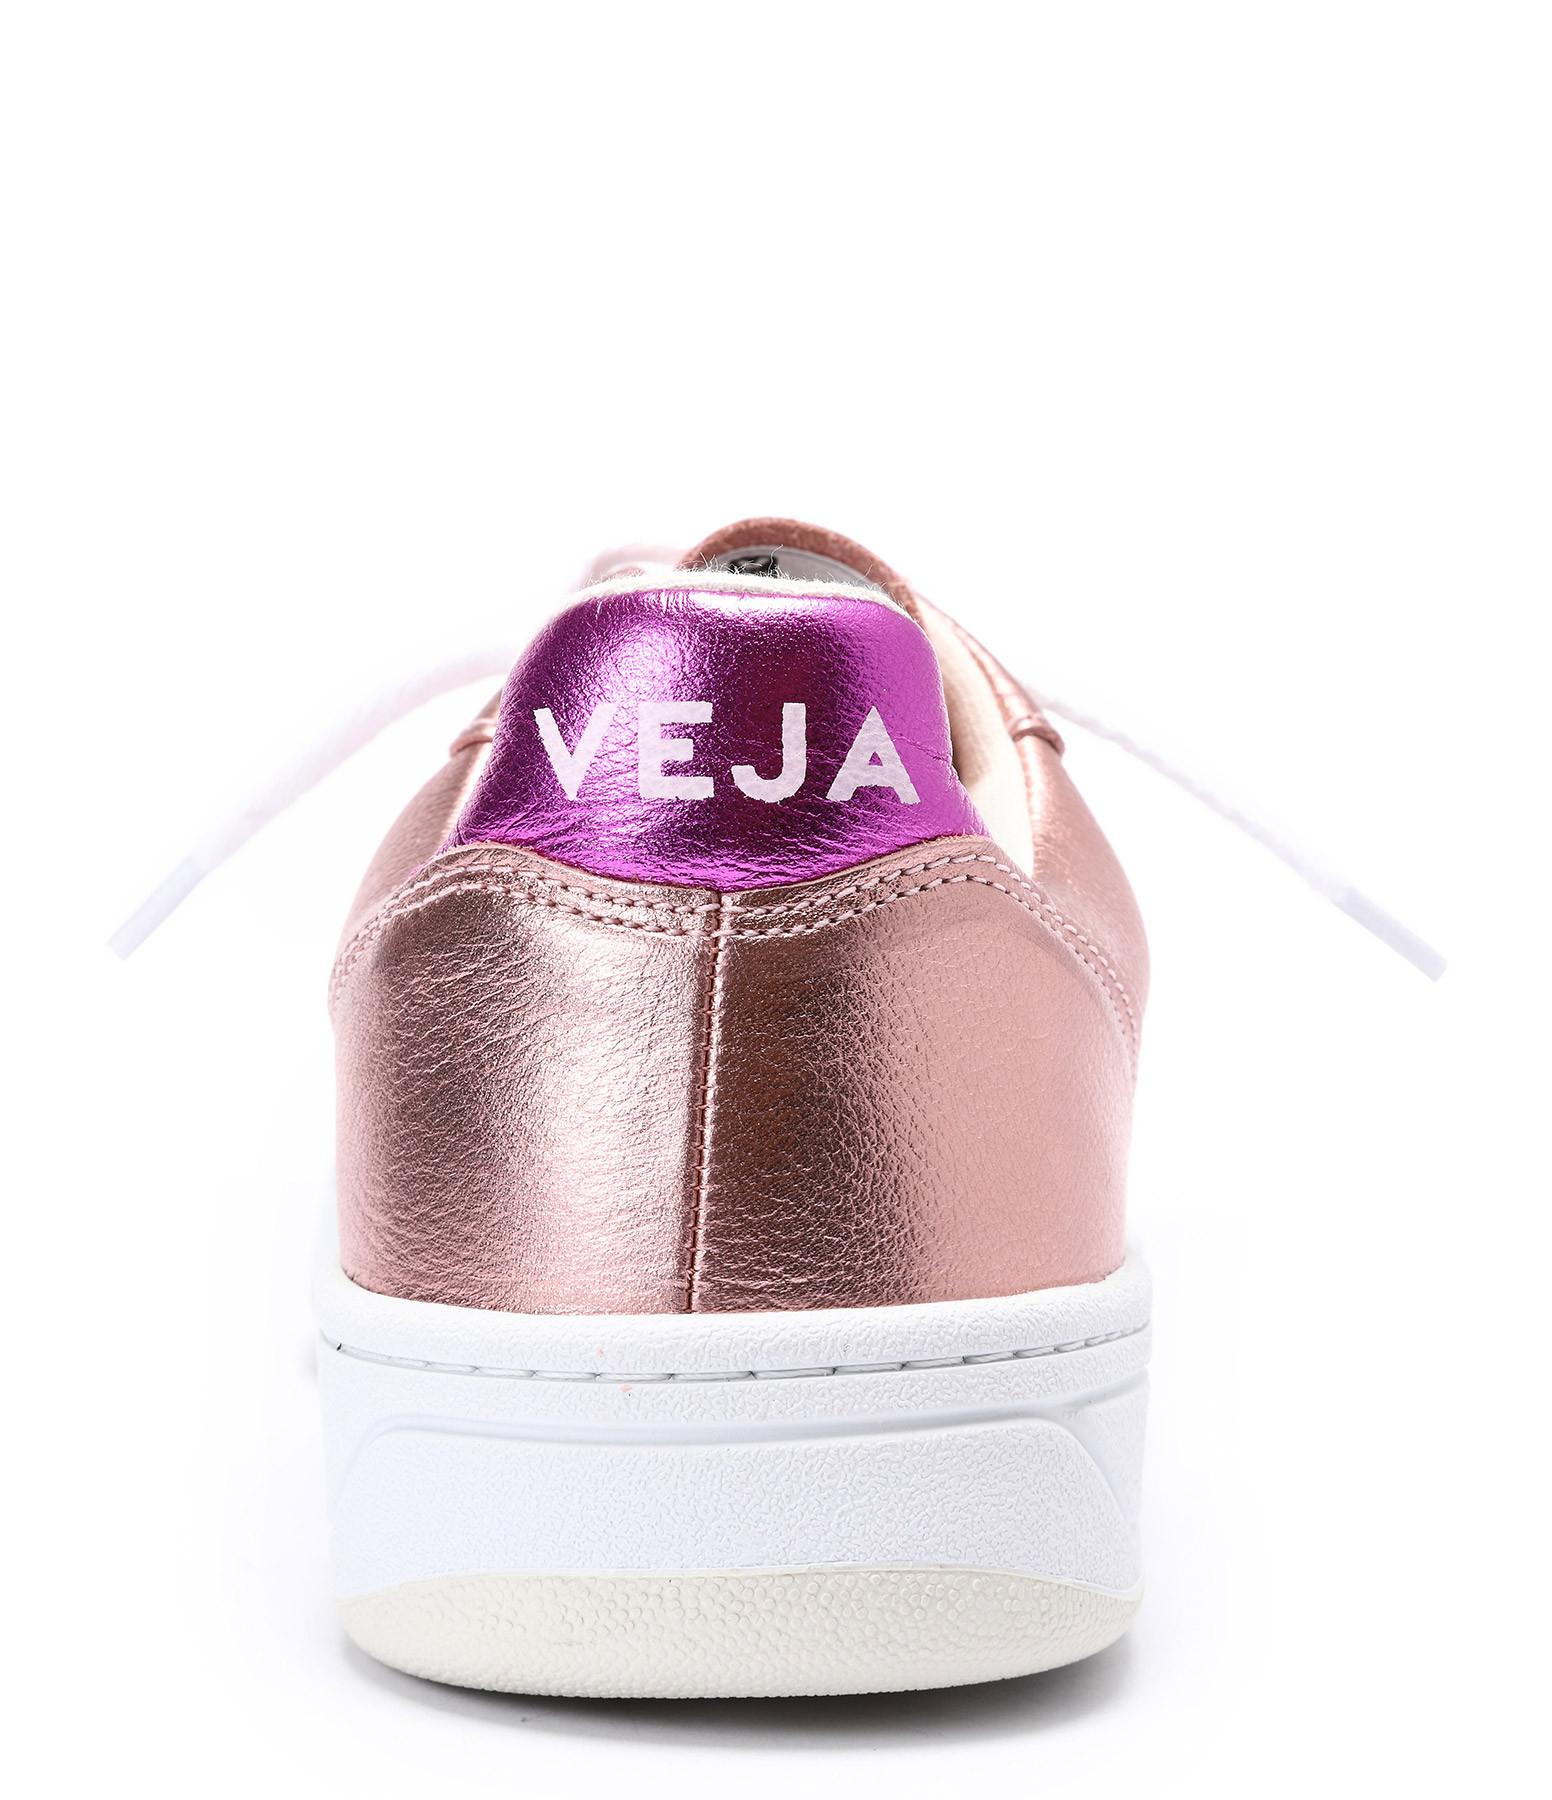 VEJA - Baskets V-10 Cuir Nacre Blanc Rose Fushia